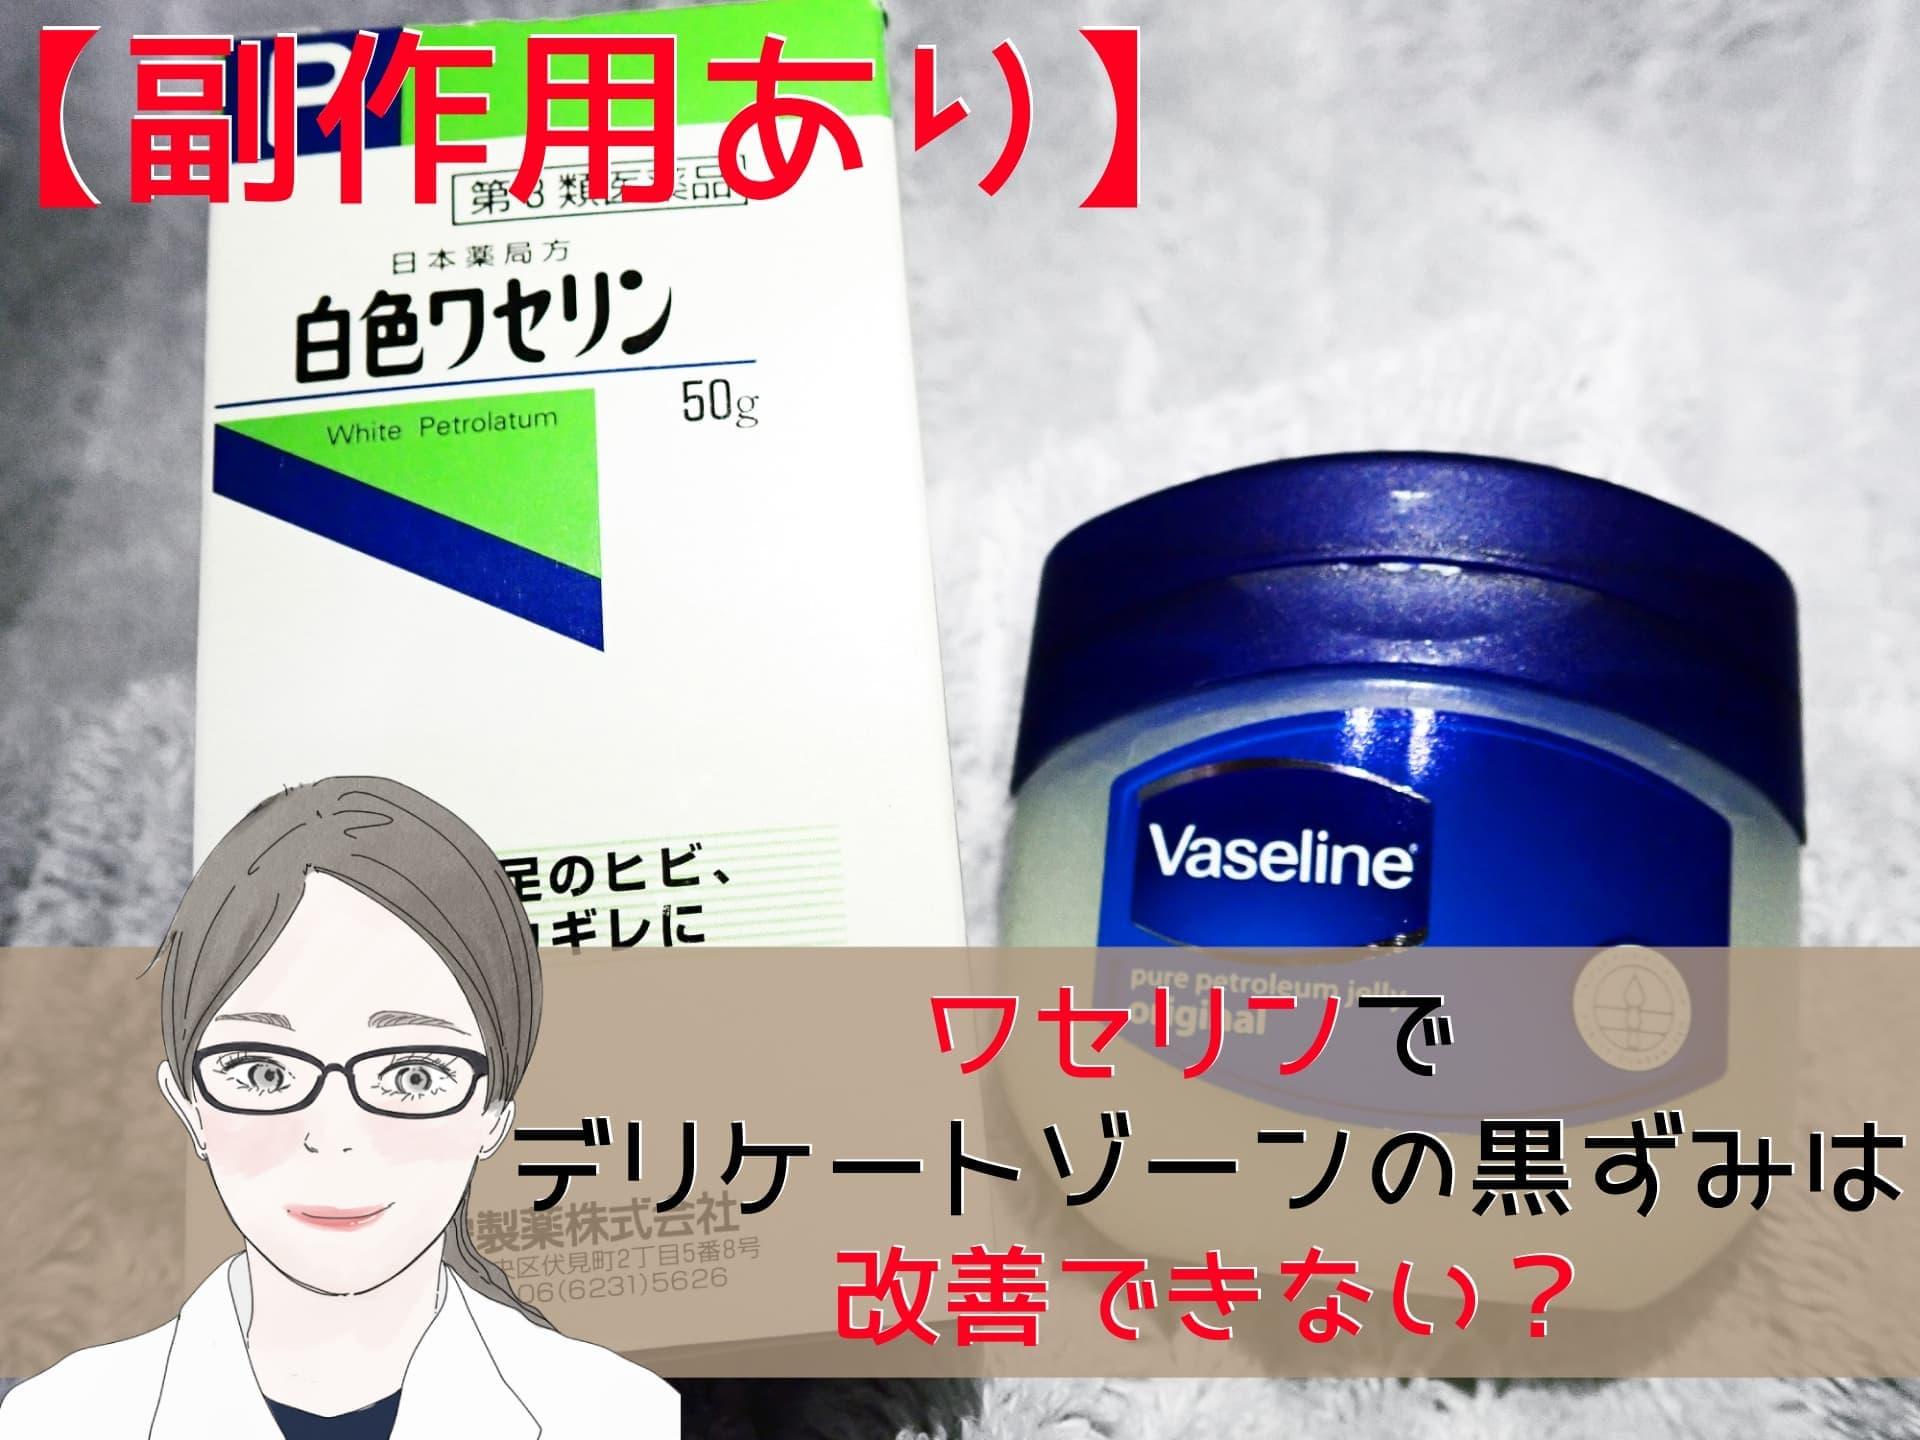 黒ずみ ワセリン 【韓国】話題のワセリンで毛穴の掃除!簡単に黒ずみサッパリ